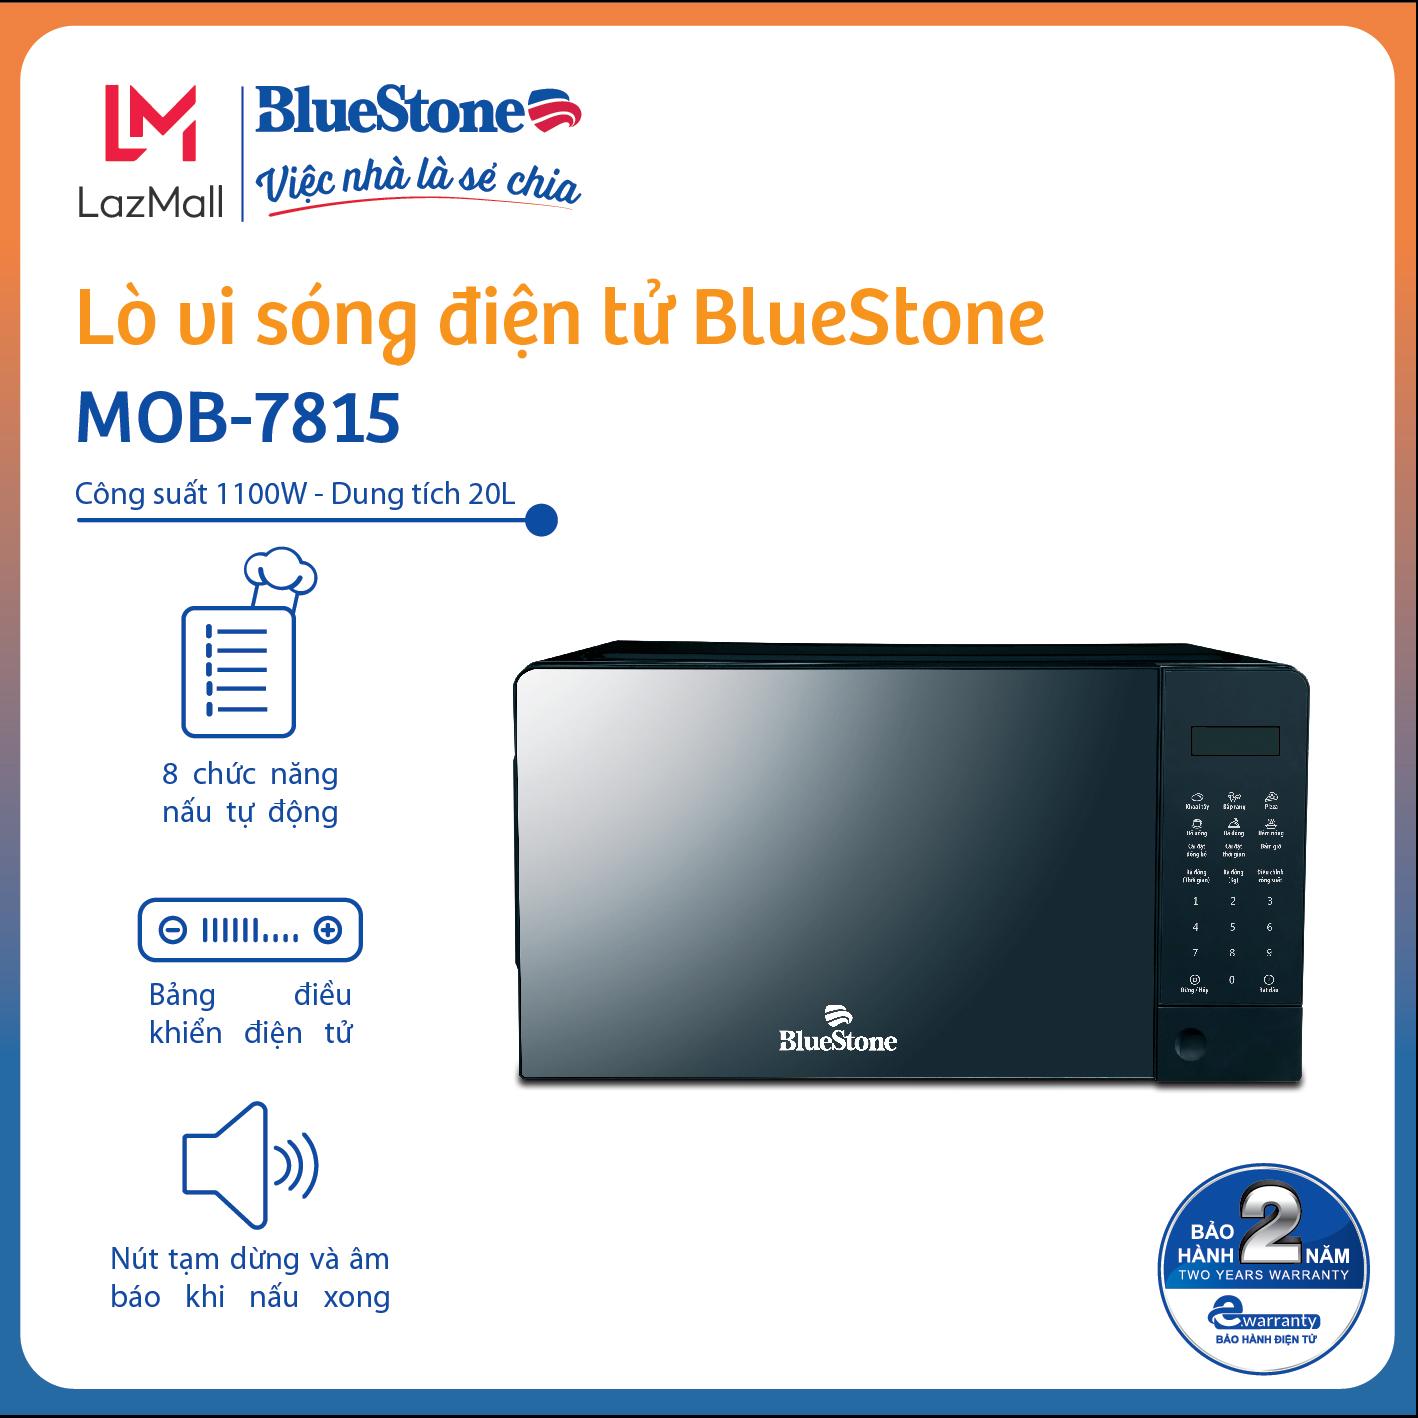 Lò vi sóng Bluestone MOB-7815 - Thiết kế sang trọng - Điều khiển điện tử - Dung tích 20L - Công suất 1100W - 8 chế độ nấu - Bảo hành 2 năm - Hàng chính hãng